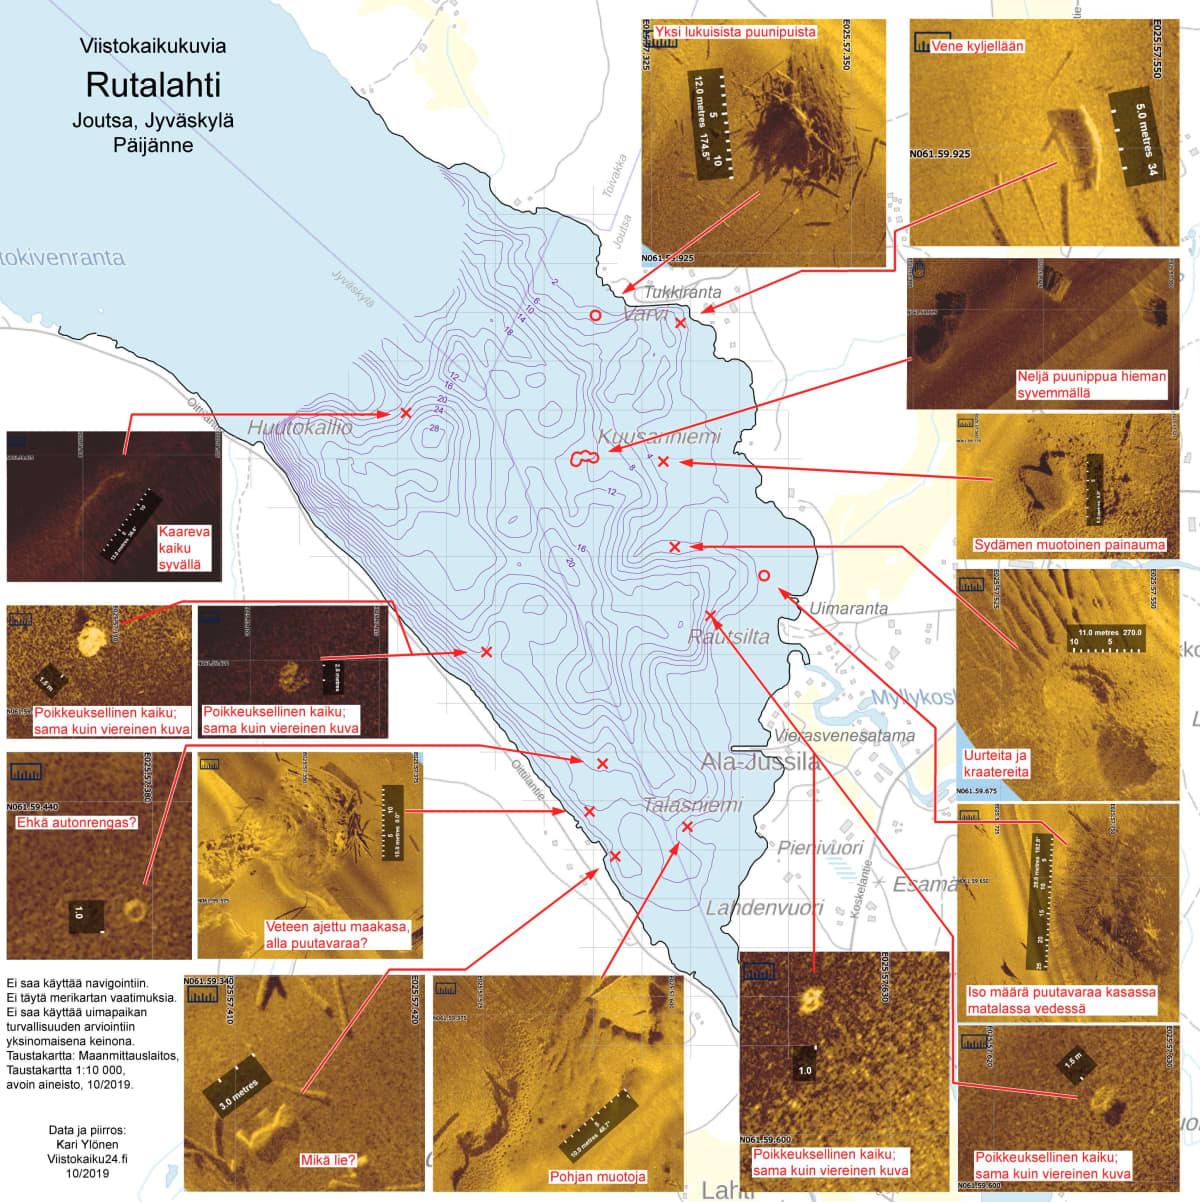 Viistokaikuluotaimella tehty kuva Rutalahden pohjasta.